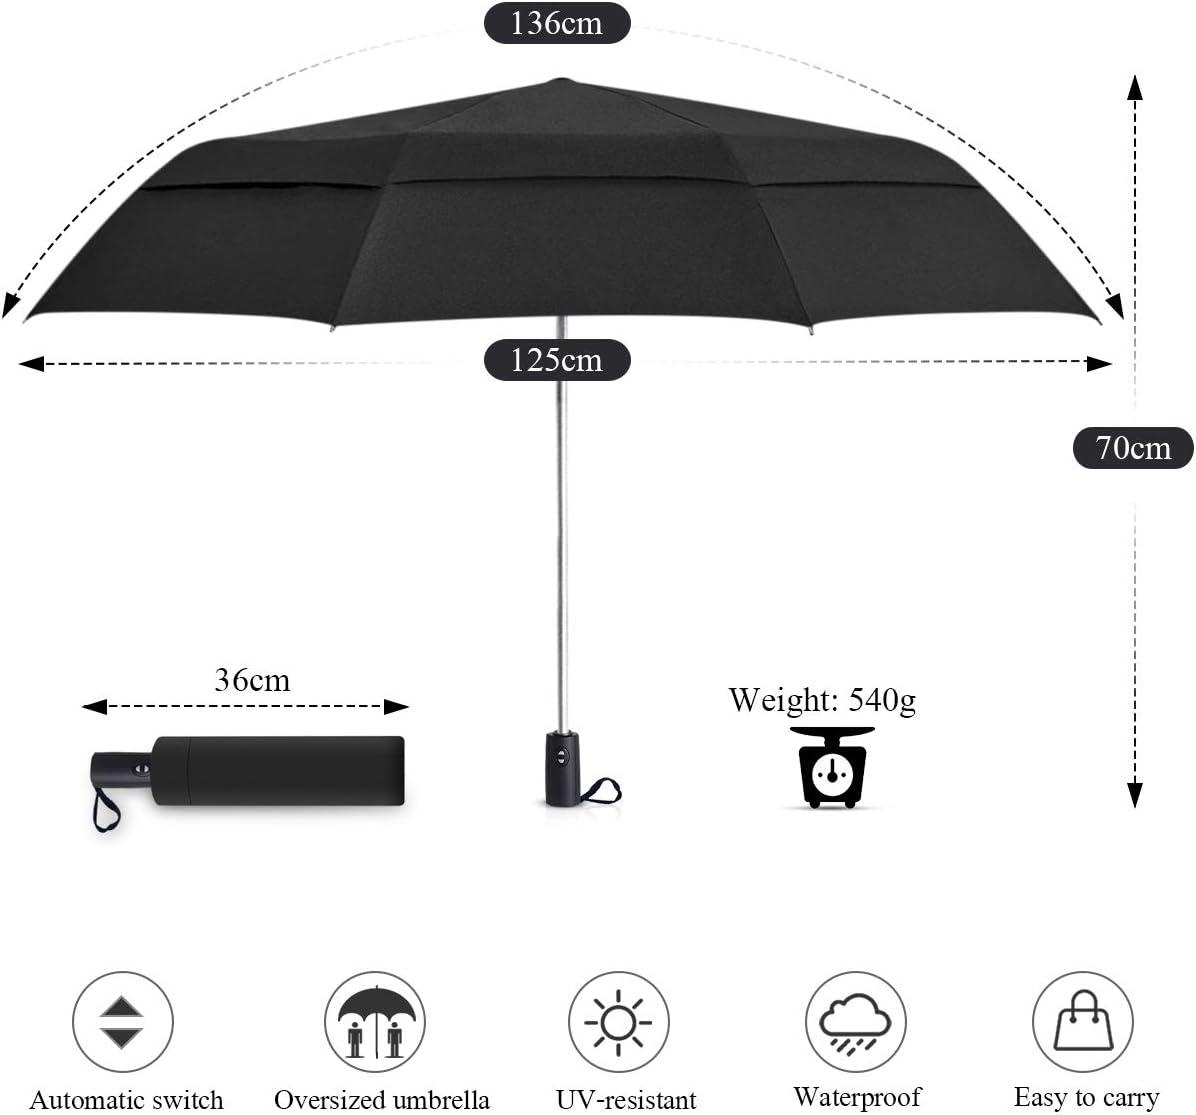 MARCELEN Homme Parapluie Pliant Automatique Ouvrir Parapluie Entreprise Voyage Anti-UV Ombrelle /étanche Portable Parapluie Voyage Bleu